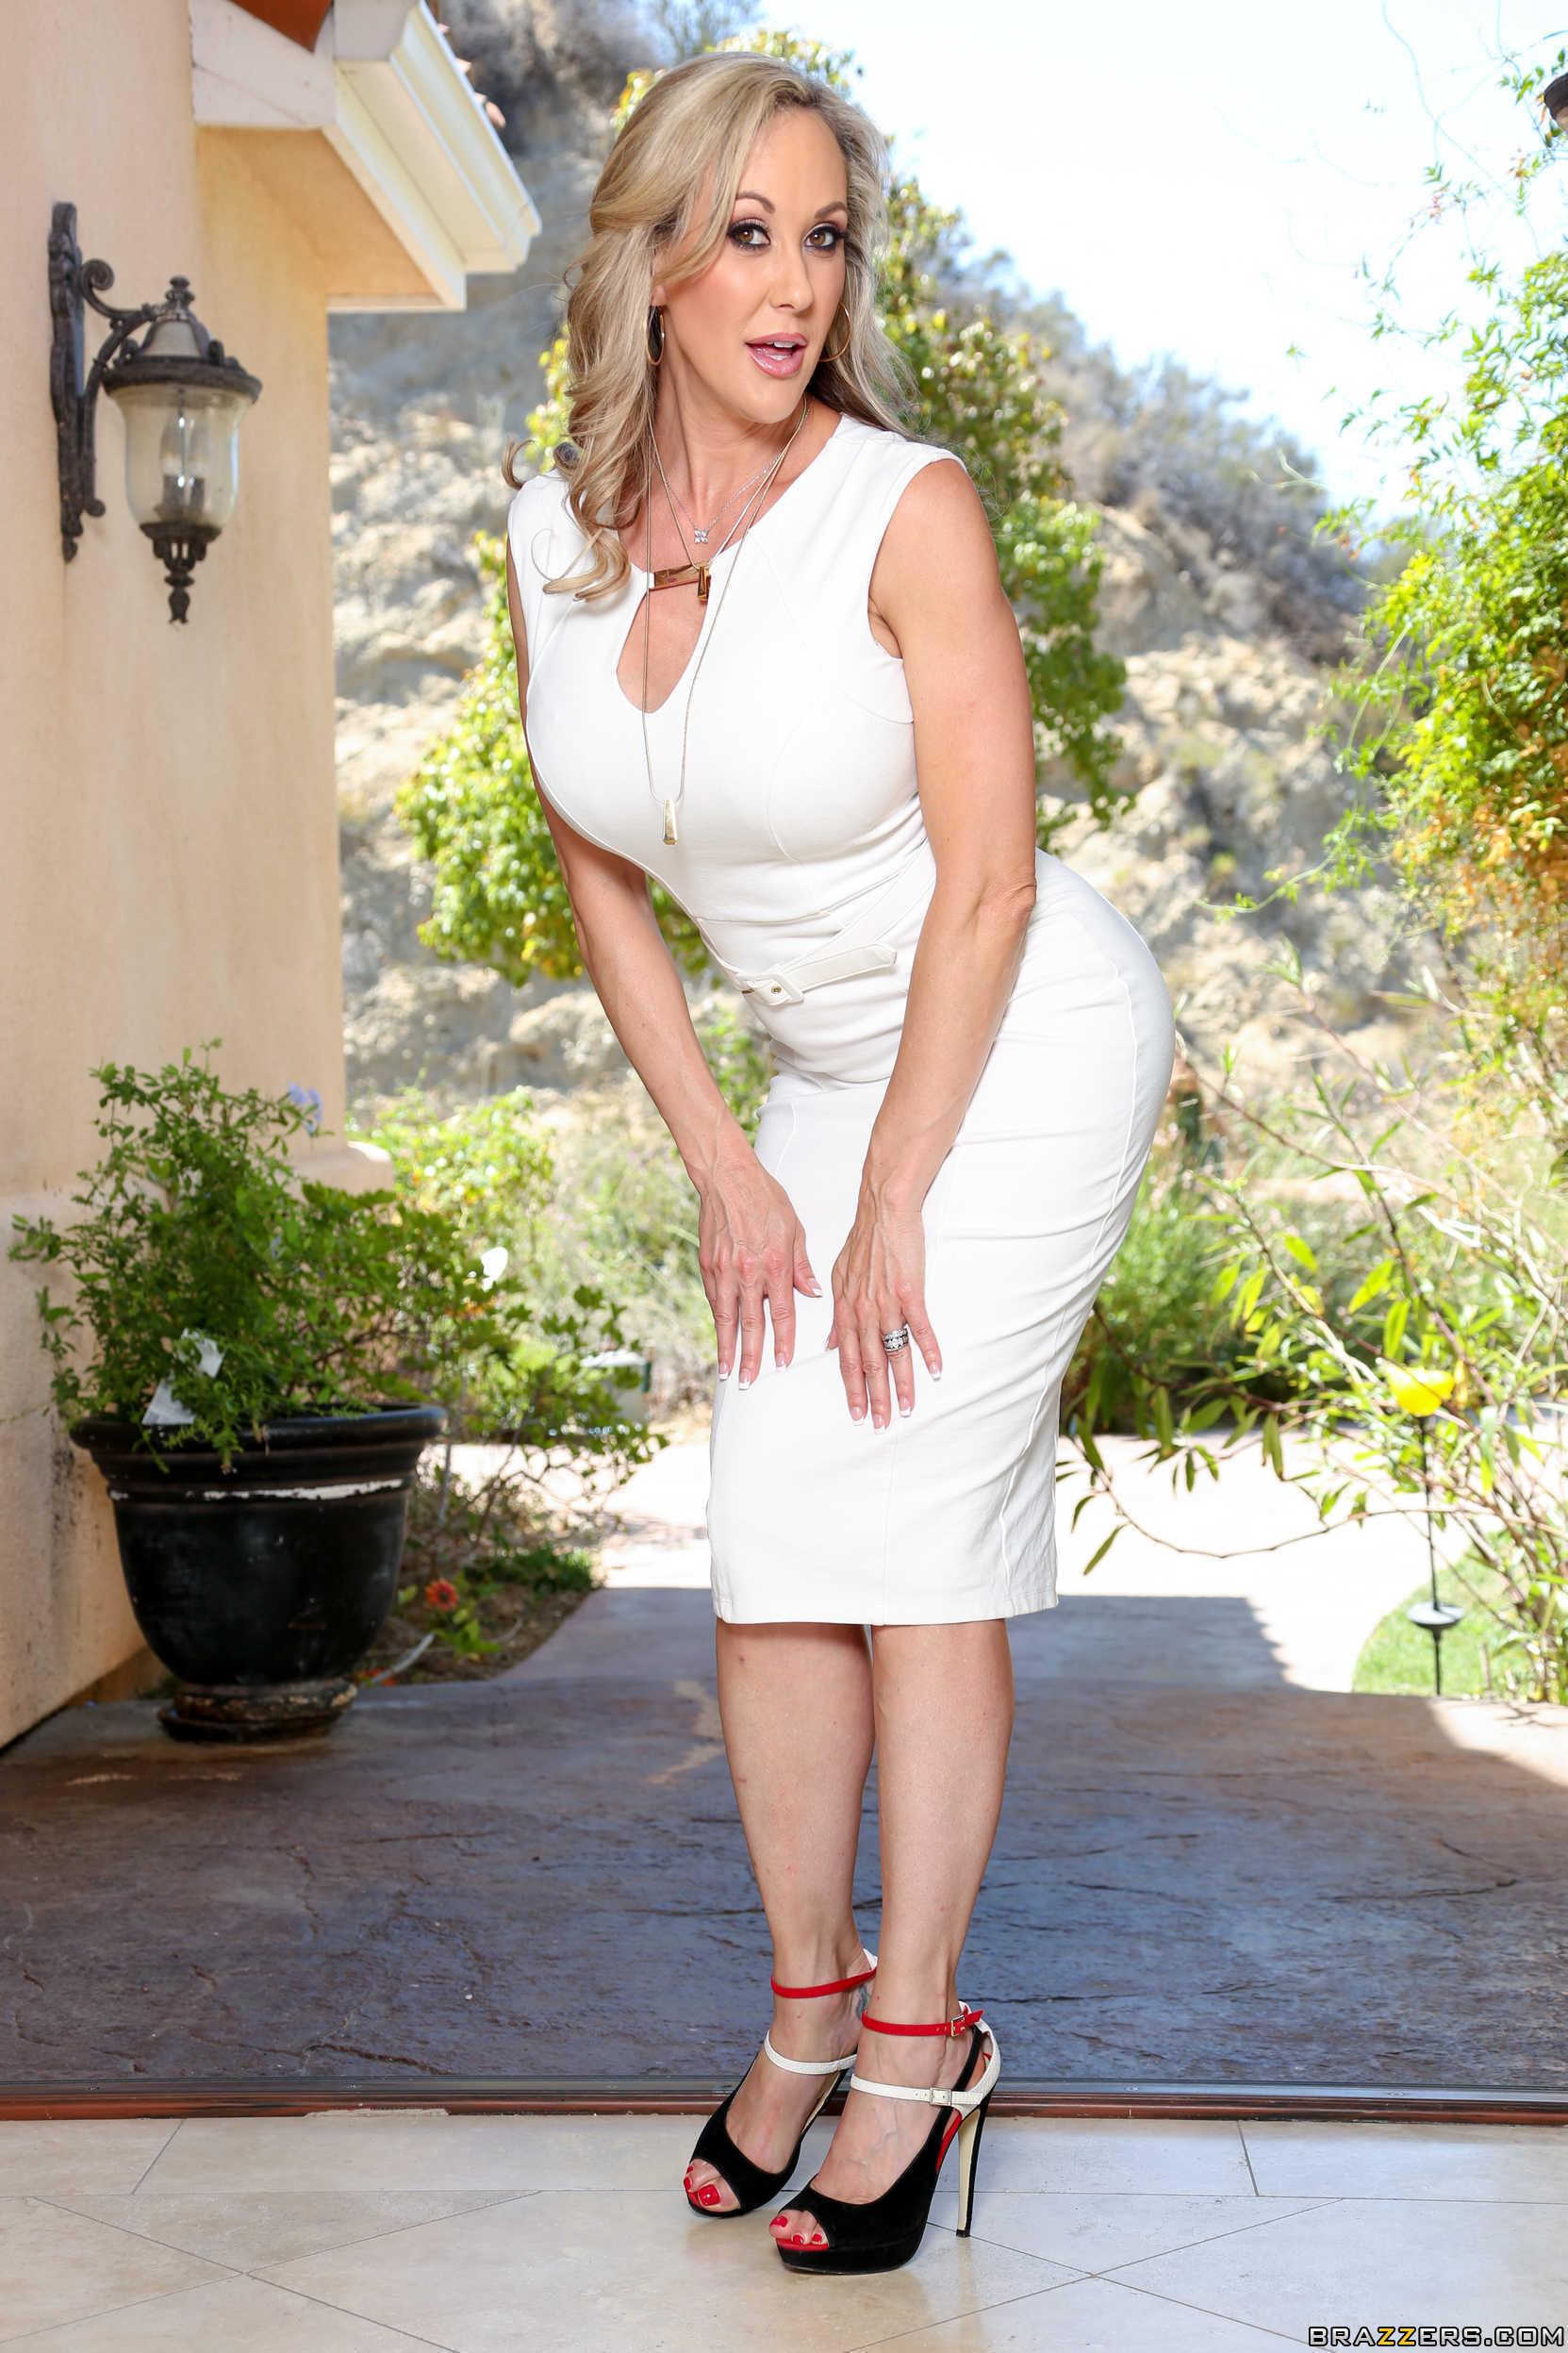 Feet Legs Brandy Aniston  naked (56 photos), YouTube, underwear